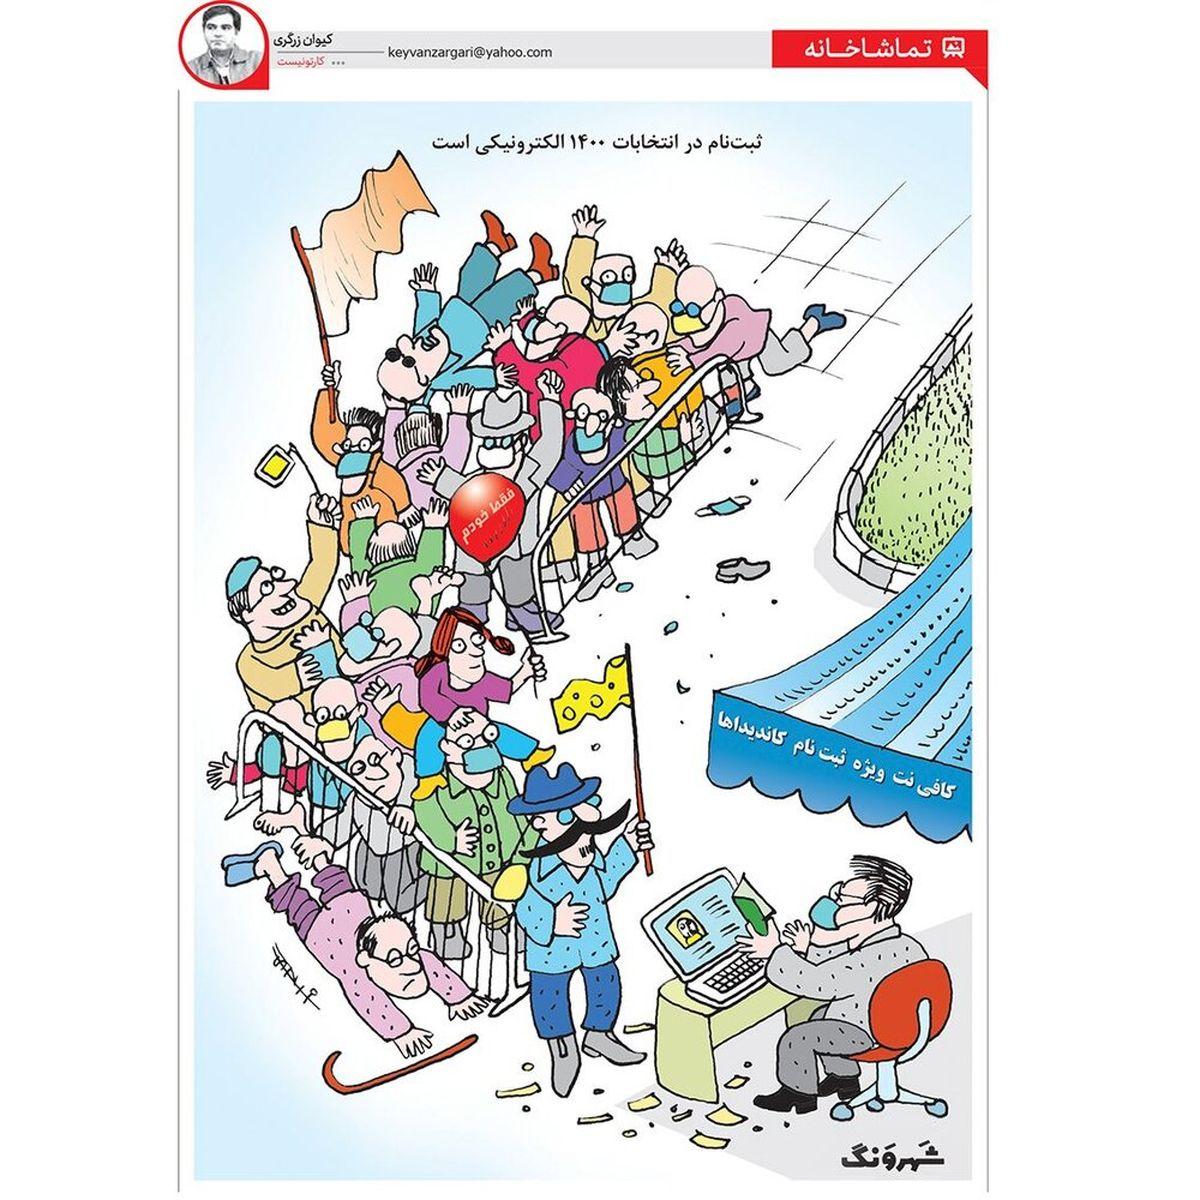 انتخابات ۱۴۰۰ الکترونیکی شد! +کاریکاتور